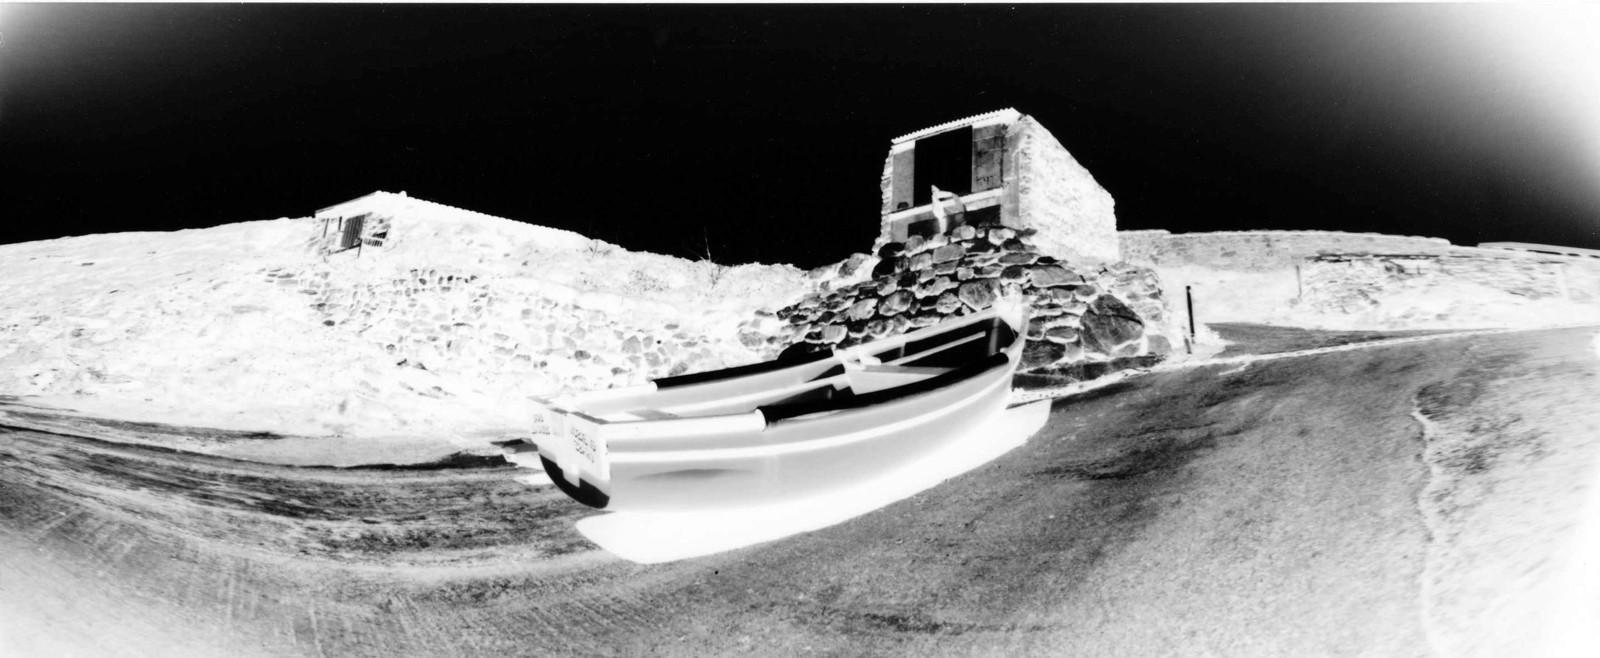 4. Slipway, Priest's Cove